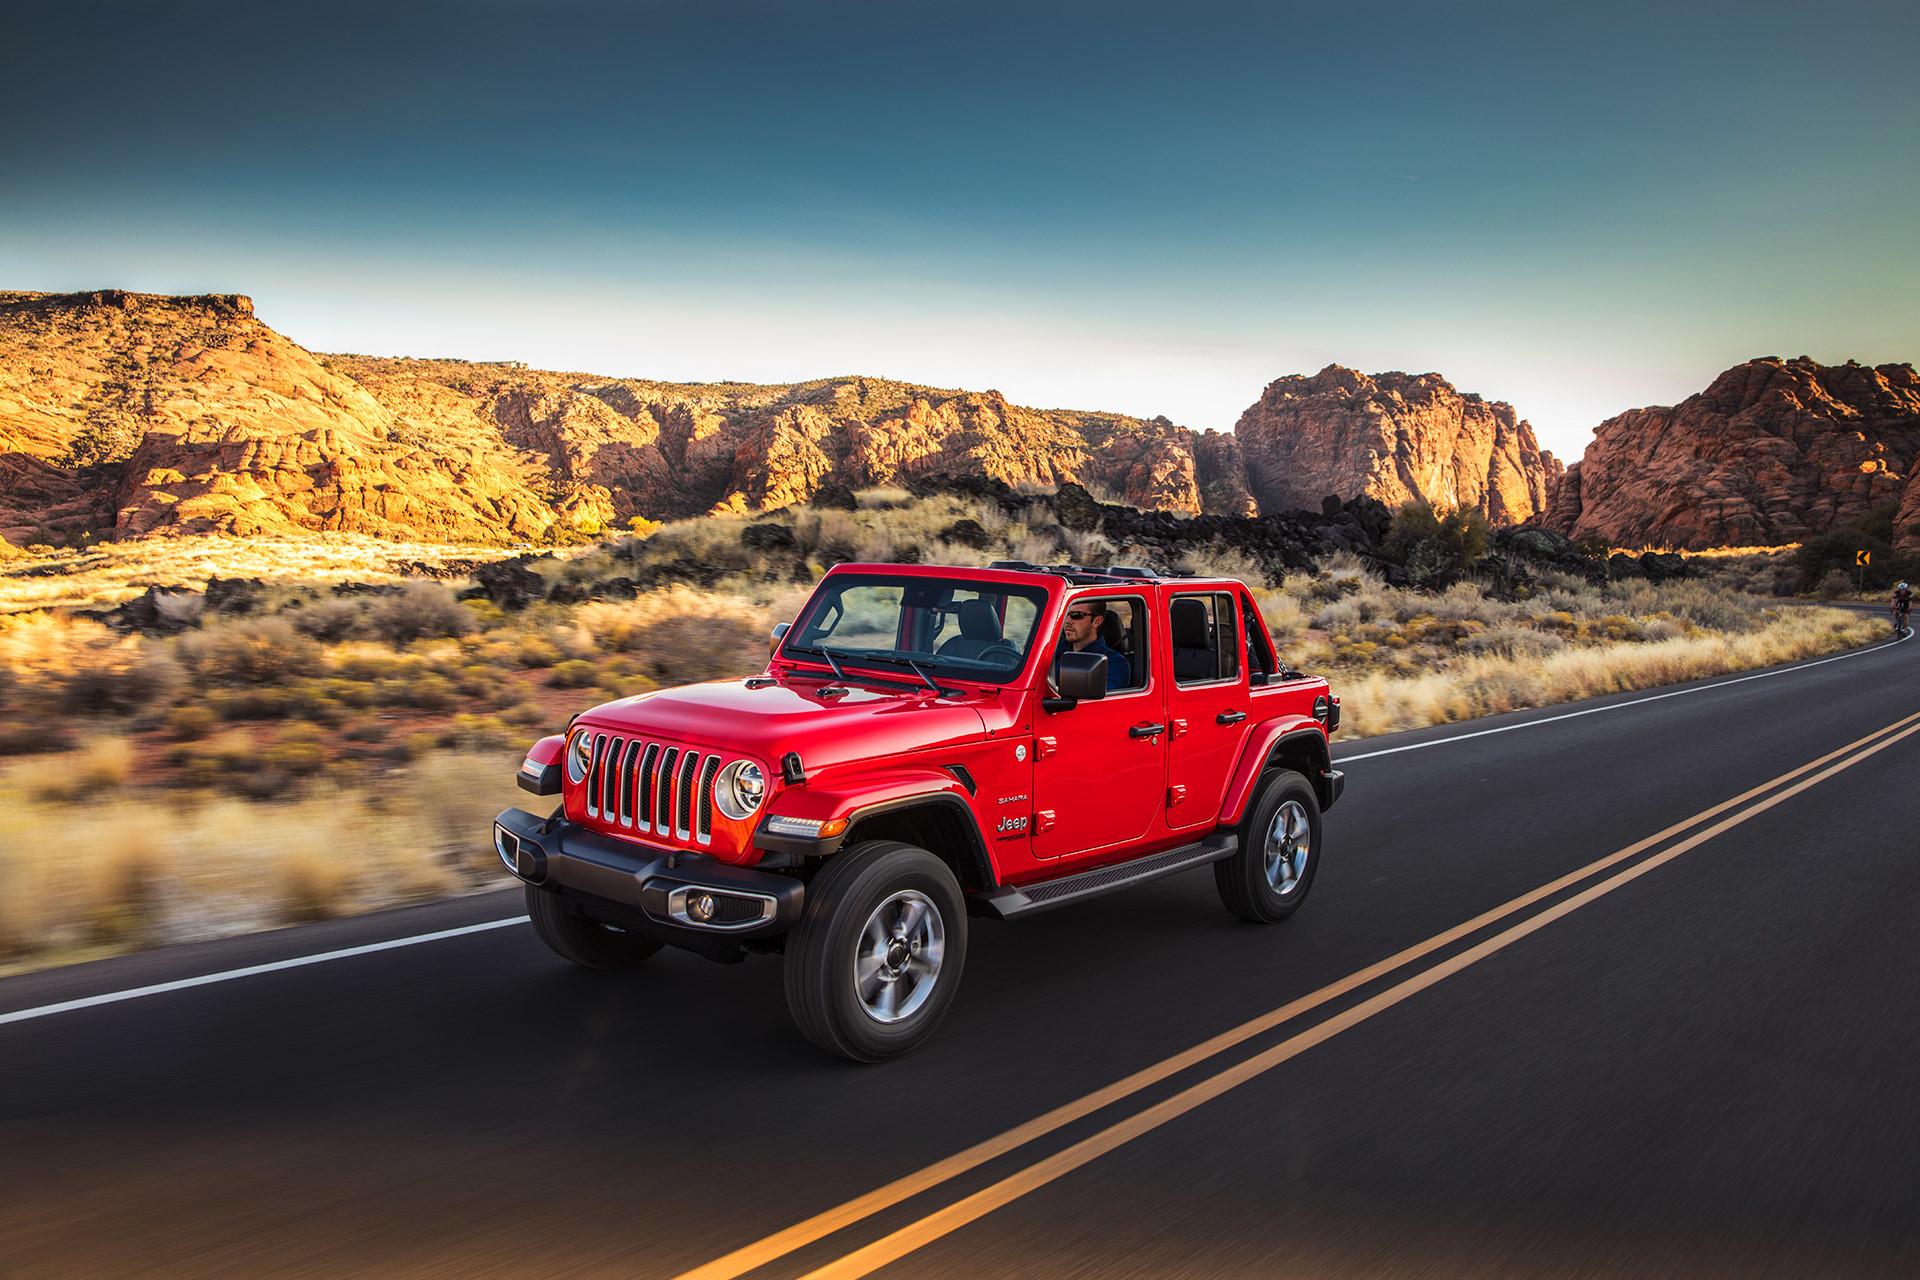 Red 2021 Wrangler driving on a desert highway.